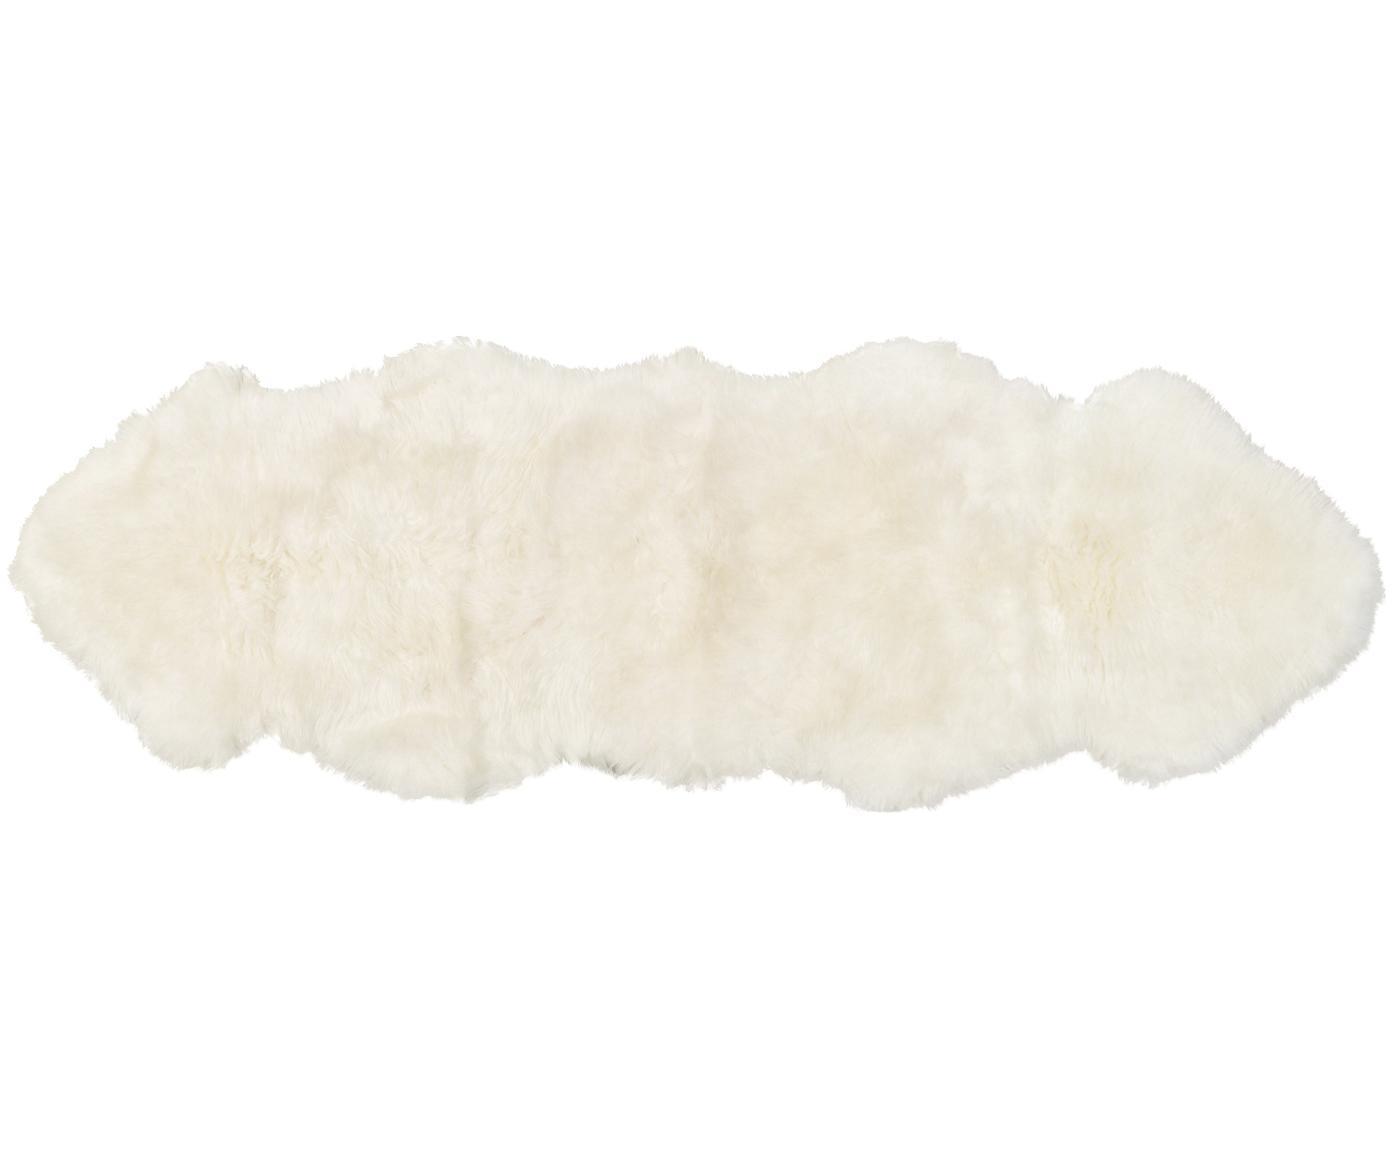 Alfombra de piel de oveja Oslo, Parte delantera: 100%piel de oveja, Parte trasera: 100%cuero cuertido, Marfil, An 60 x L 180 cm